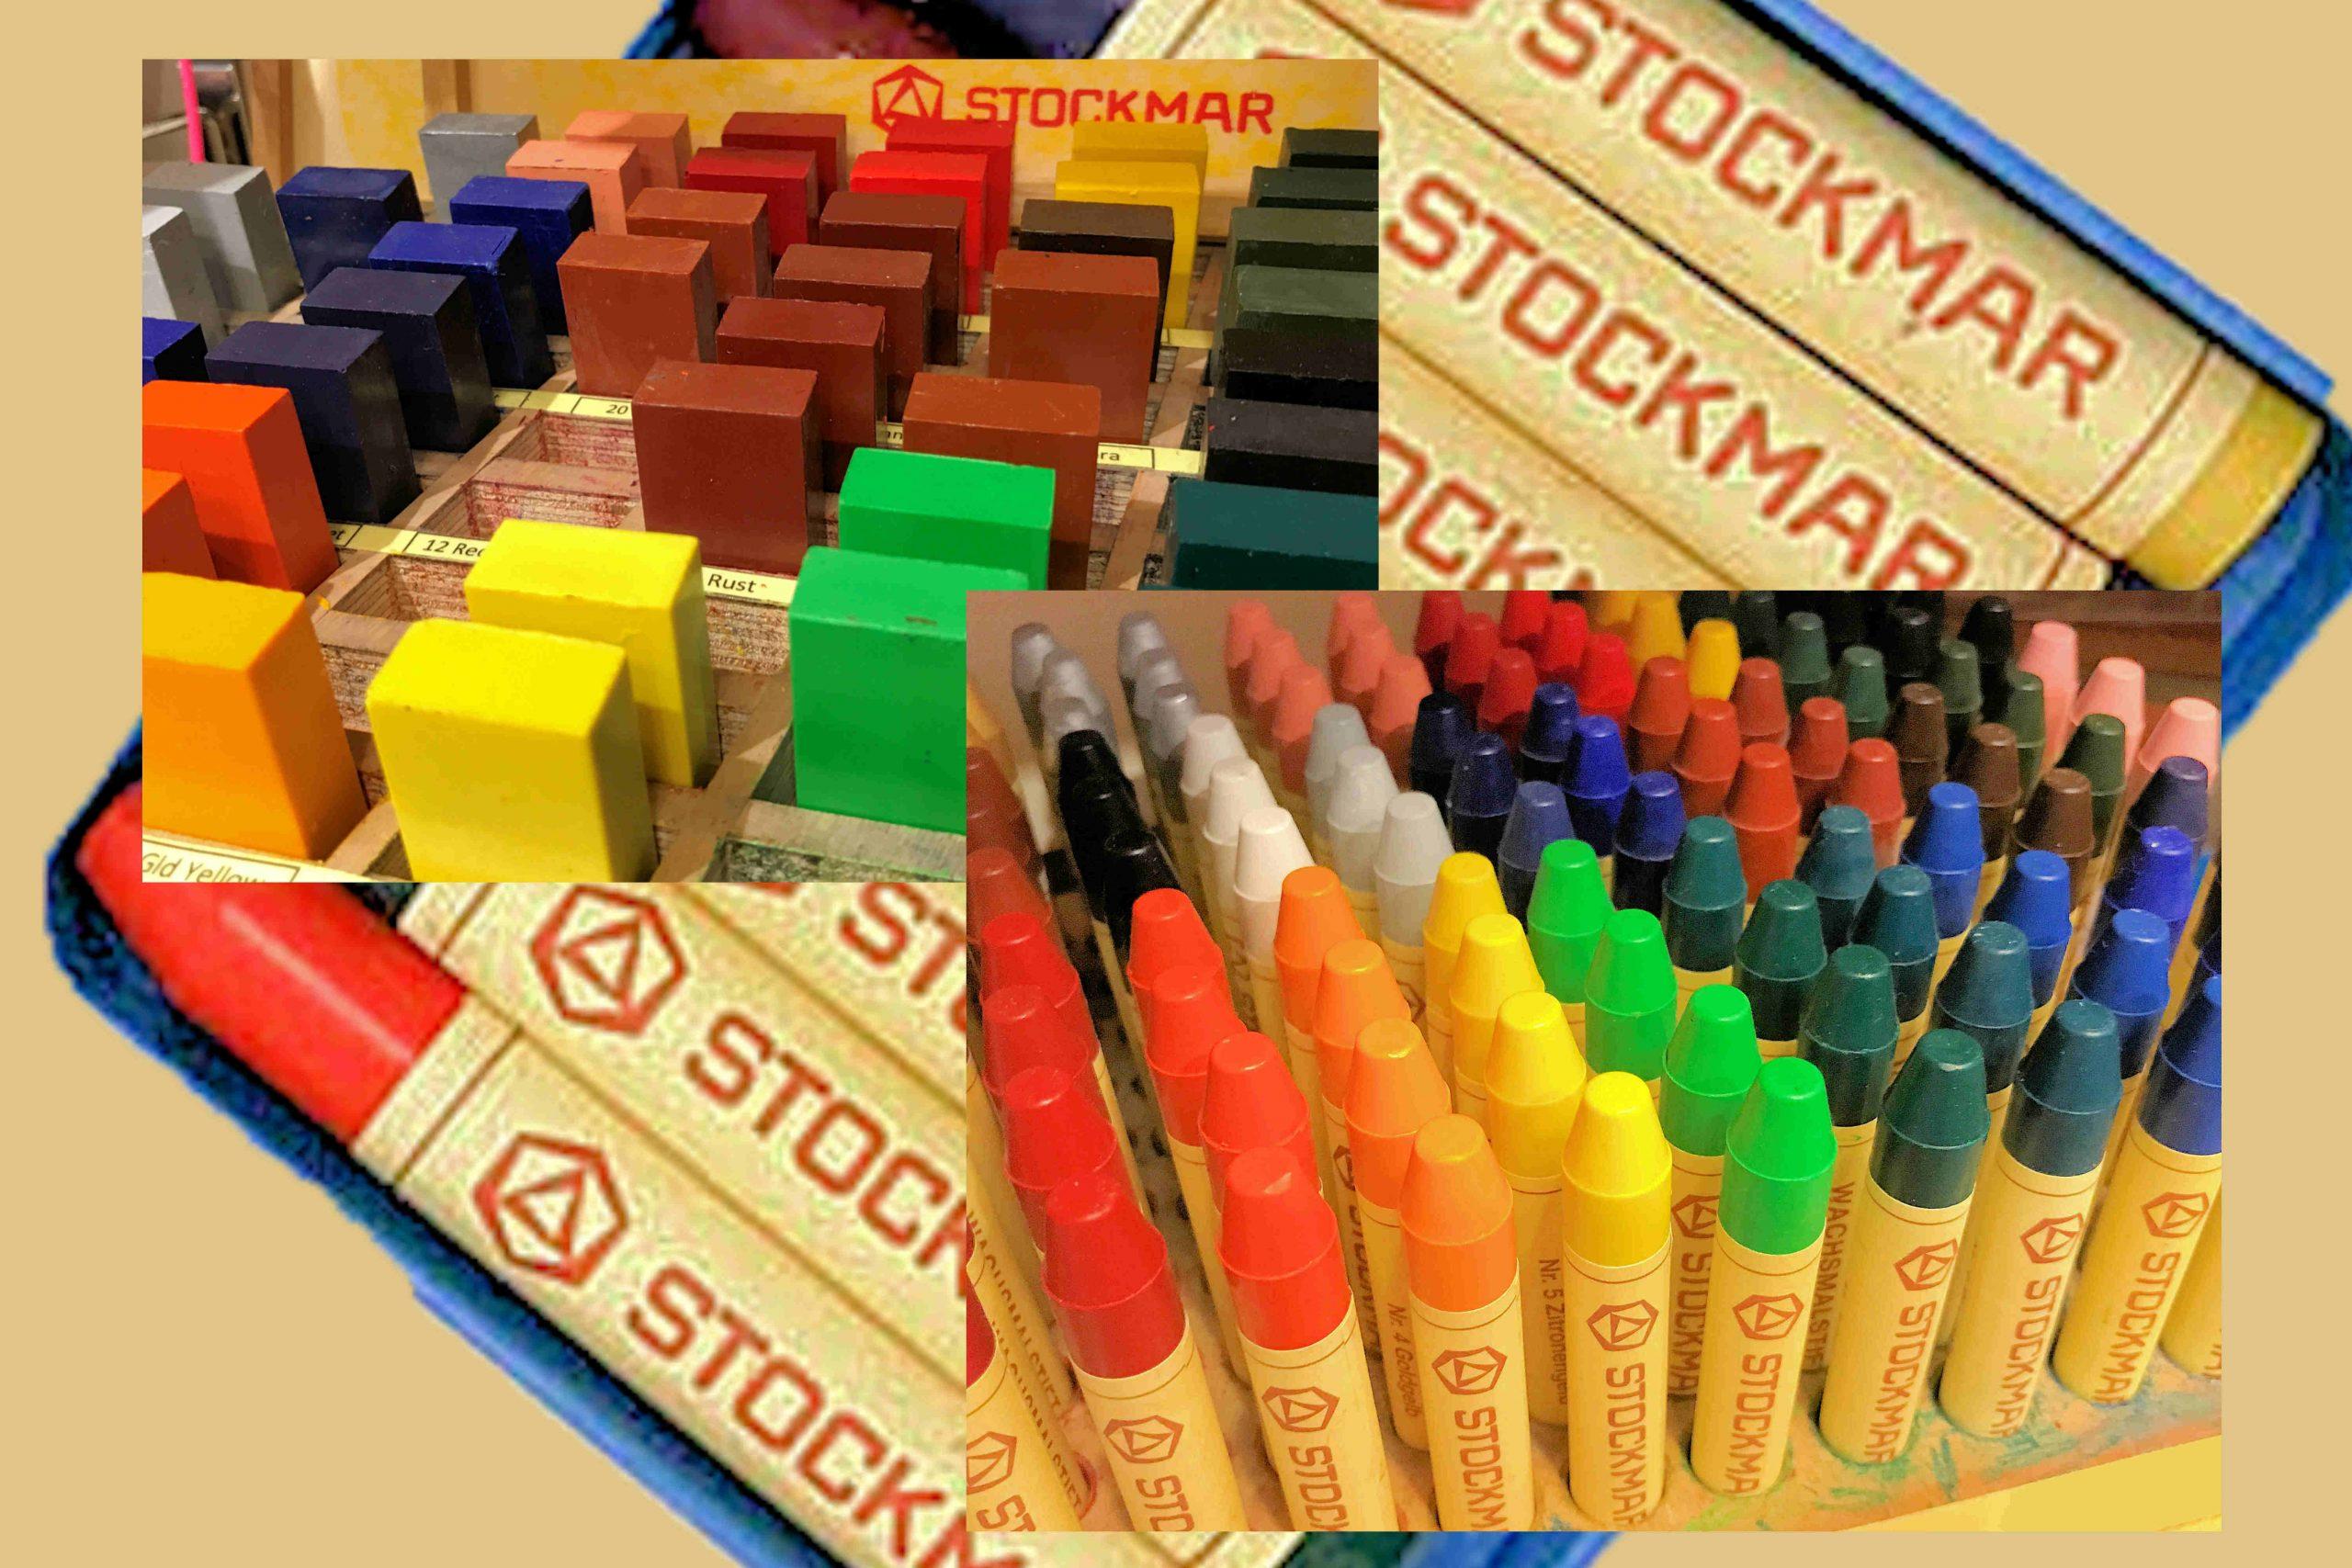 Stockmar Art Materials in again